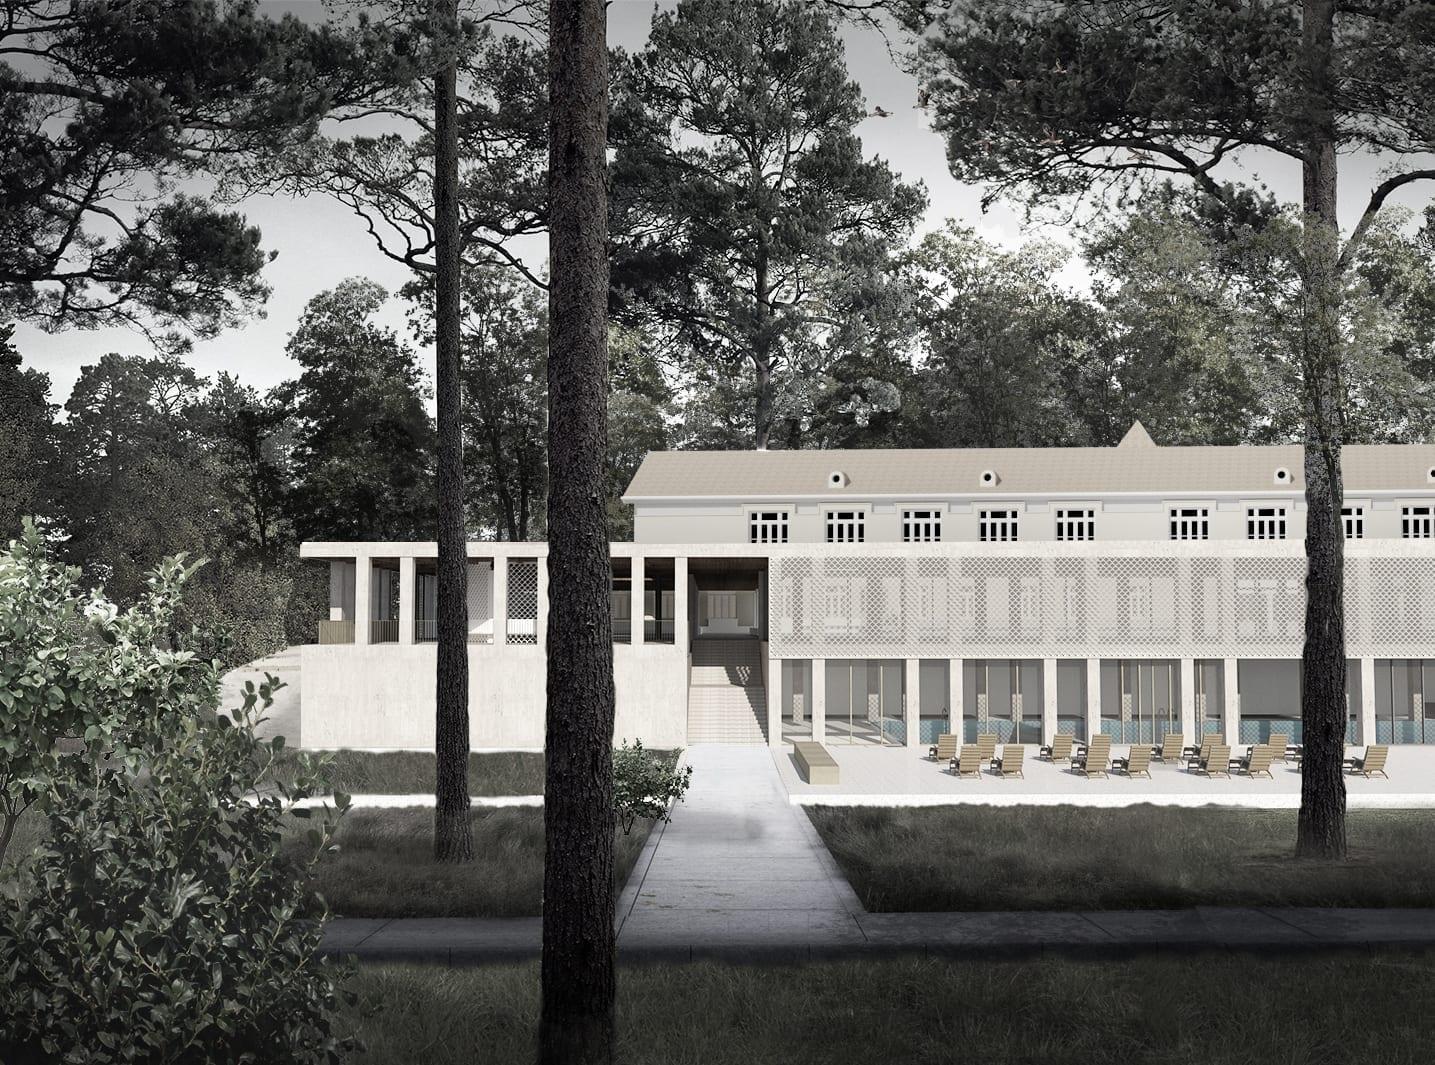 STEFANIA HIRLEATA Extinderea ansamblului Pavilionului de Băi, Băile Govora 2019 / DIPLOMA Viewing Rooms // The New Now,o colecție de lucrări de arhitectură îngrijită de Eliza Yokina